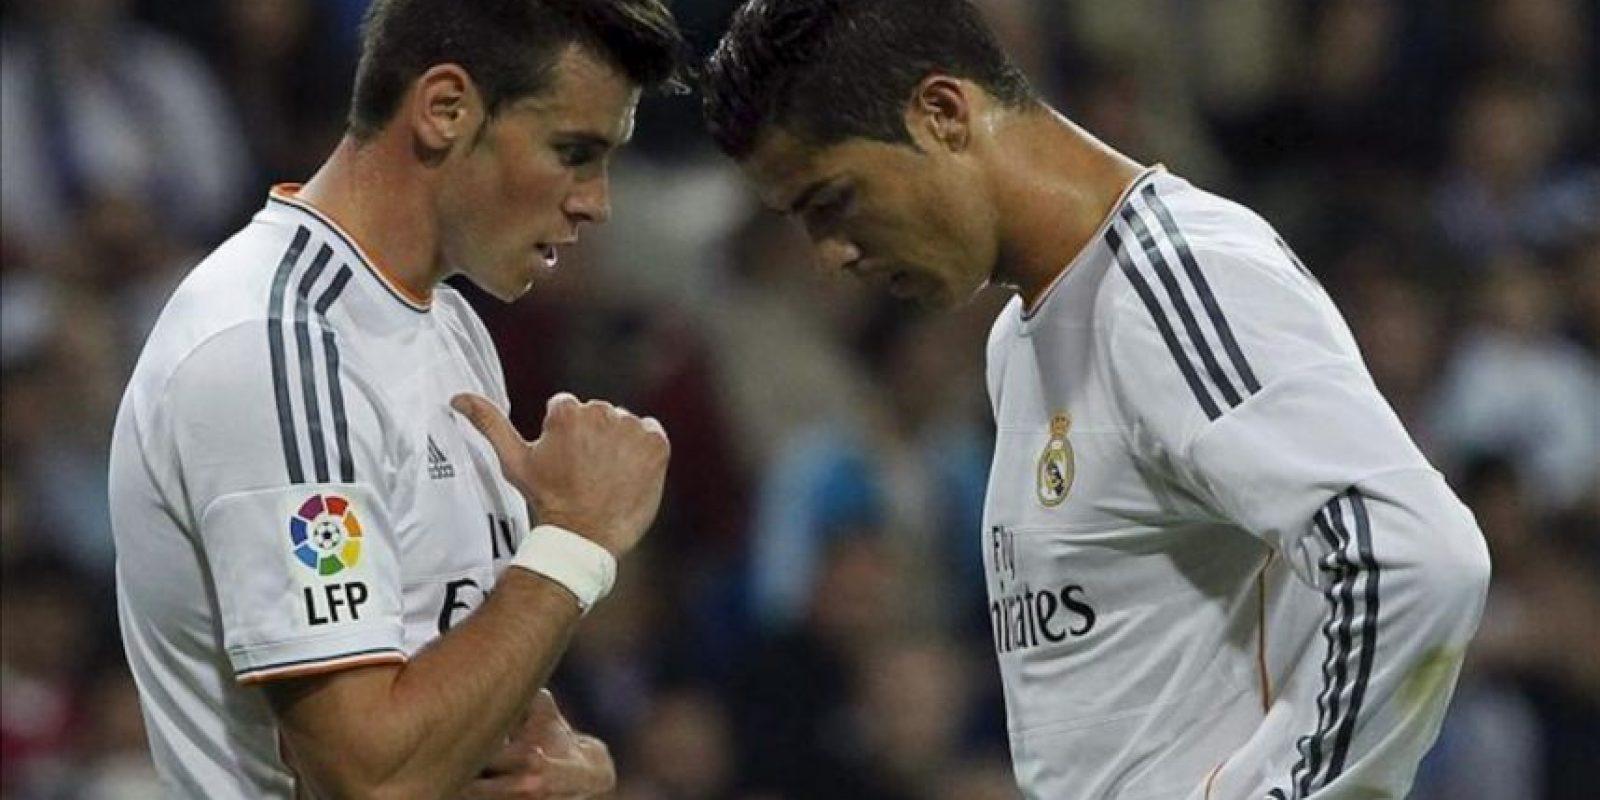 El jugador galés Gareth Bale (i) y el portugués Cristiano Ronaldo, ambos del Real Madrid, durante el partido de la séptima jornada de Liga en Primera División ante el Atlético de Madrid, disputado en el estadio Santiago Bernabéu. EFE